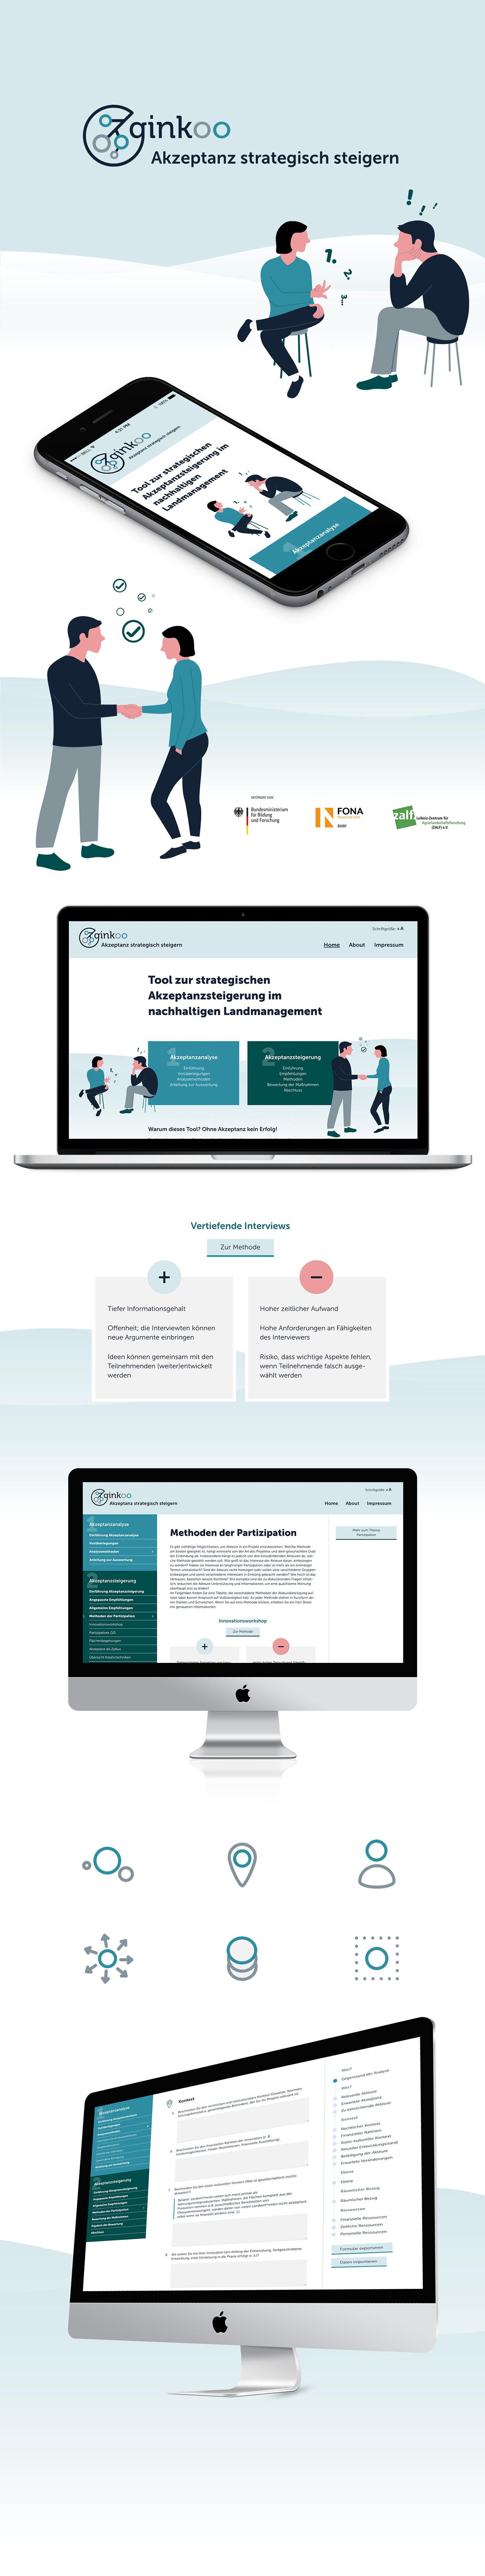 Akzeptanz design innovation nachhaltigkeit Webdesign Website